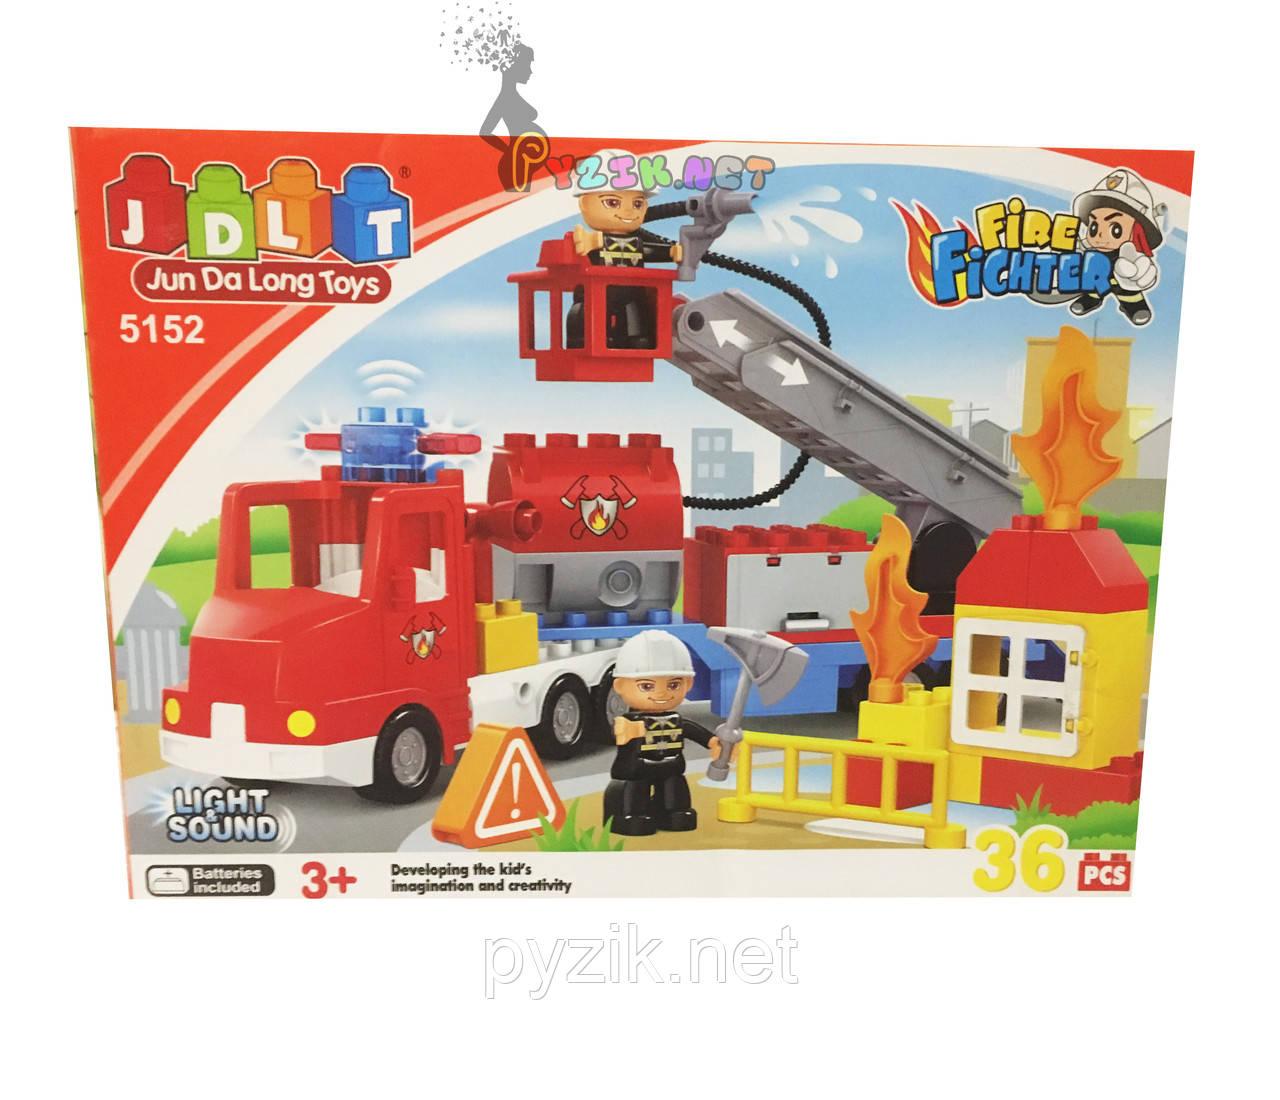 Конструктор JDLT 5152 «Пожарная машина», 36 дет